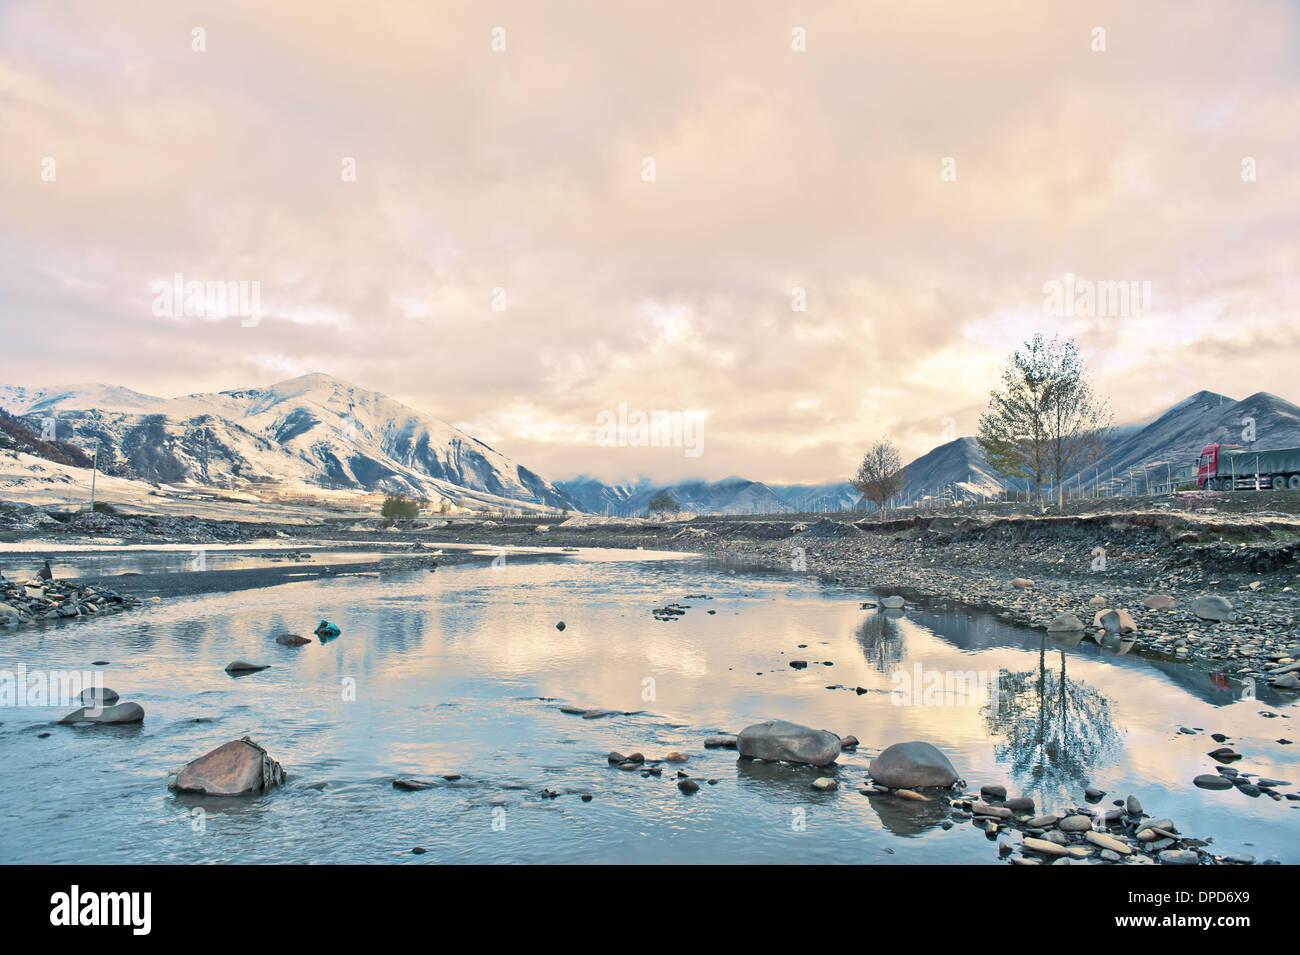 La Cina del Tibet autostrada neve sotto la vettura sullo sfondo Immagini Stock